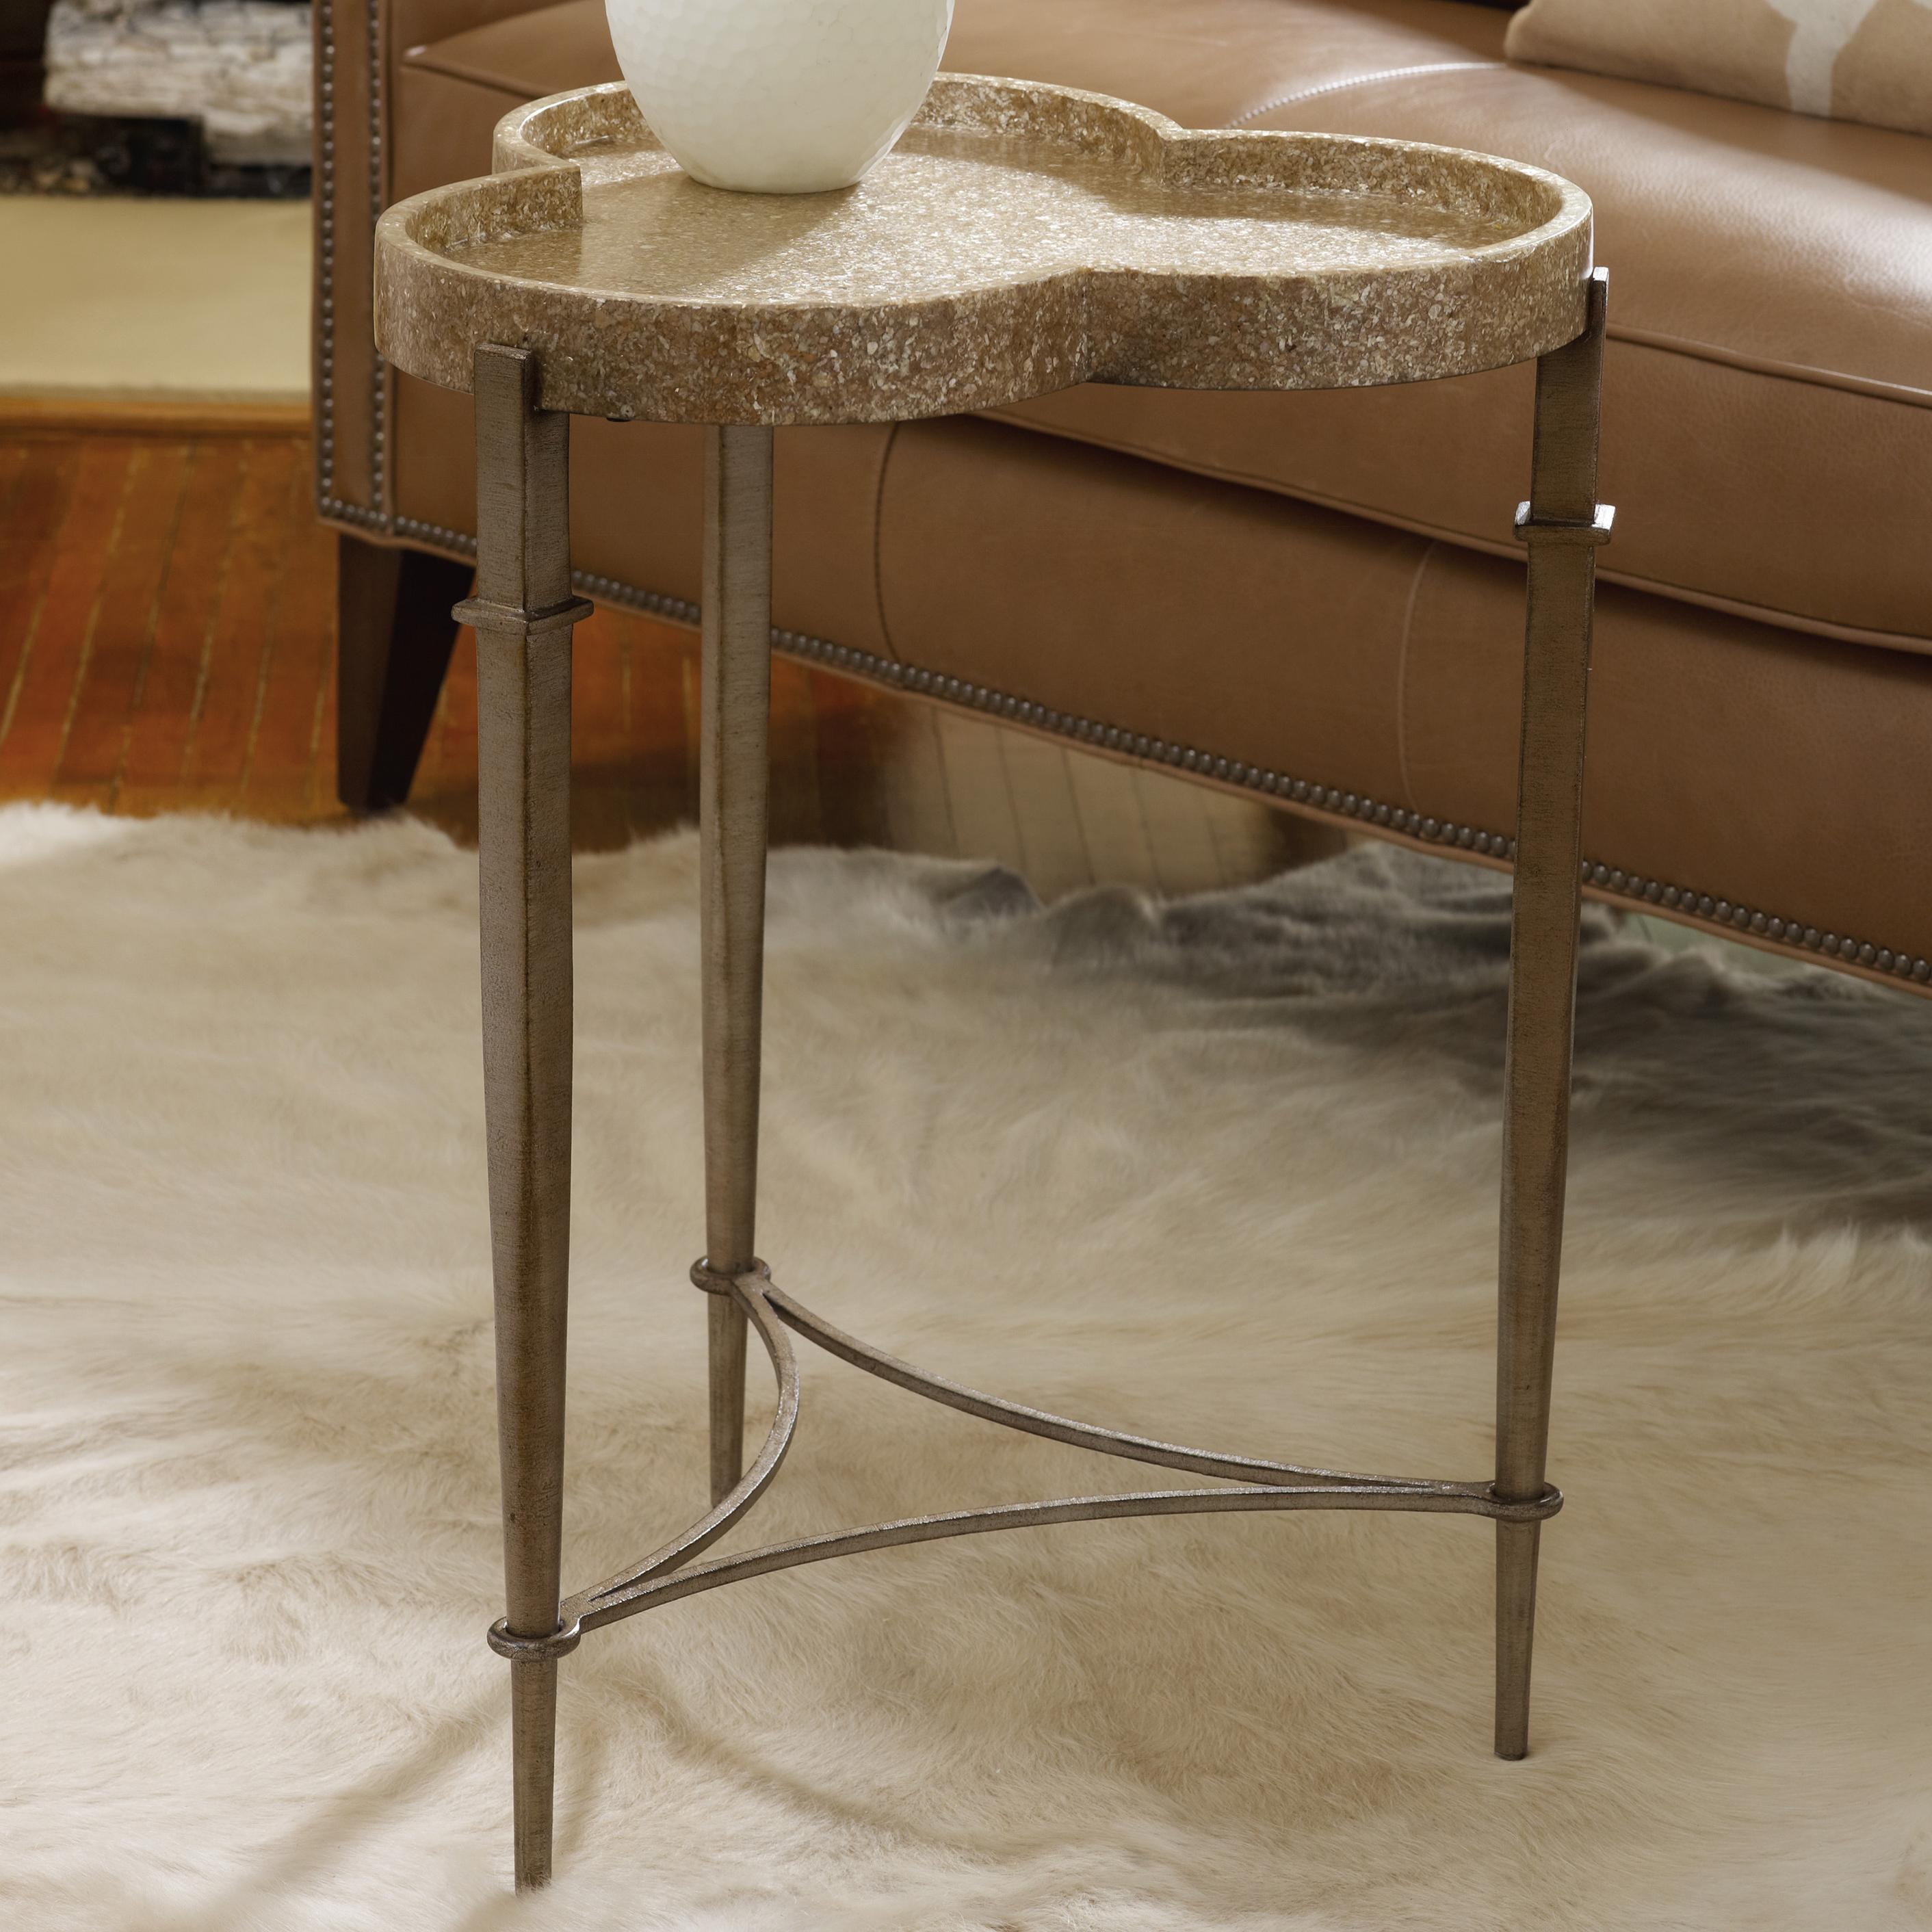 Hooker Furniture Mélange Clover Accent Table - Item Number: 638-50085